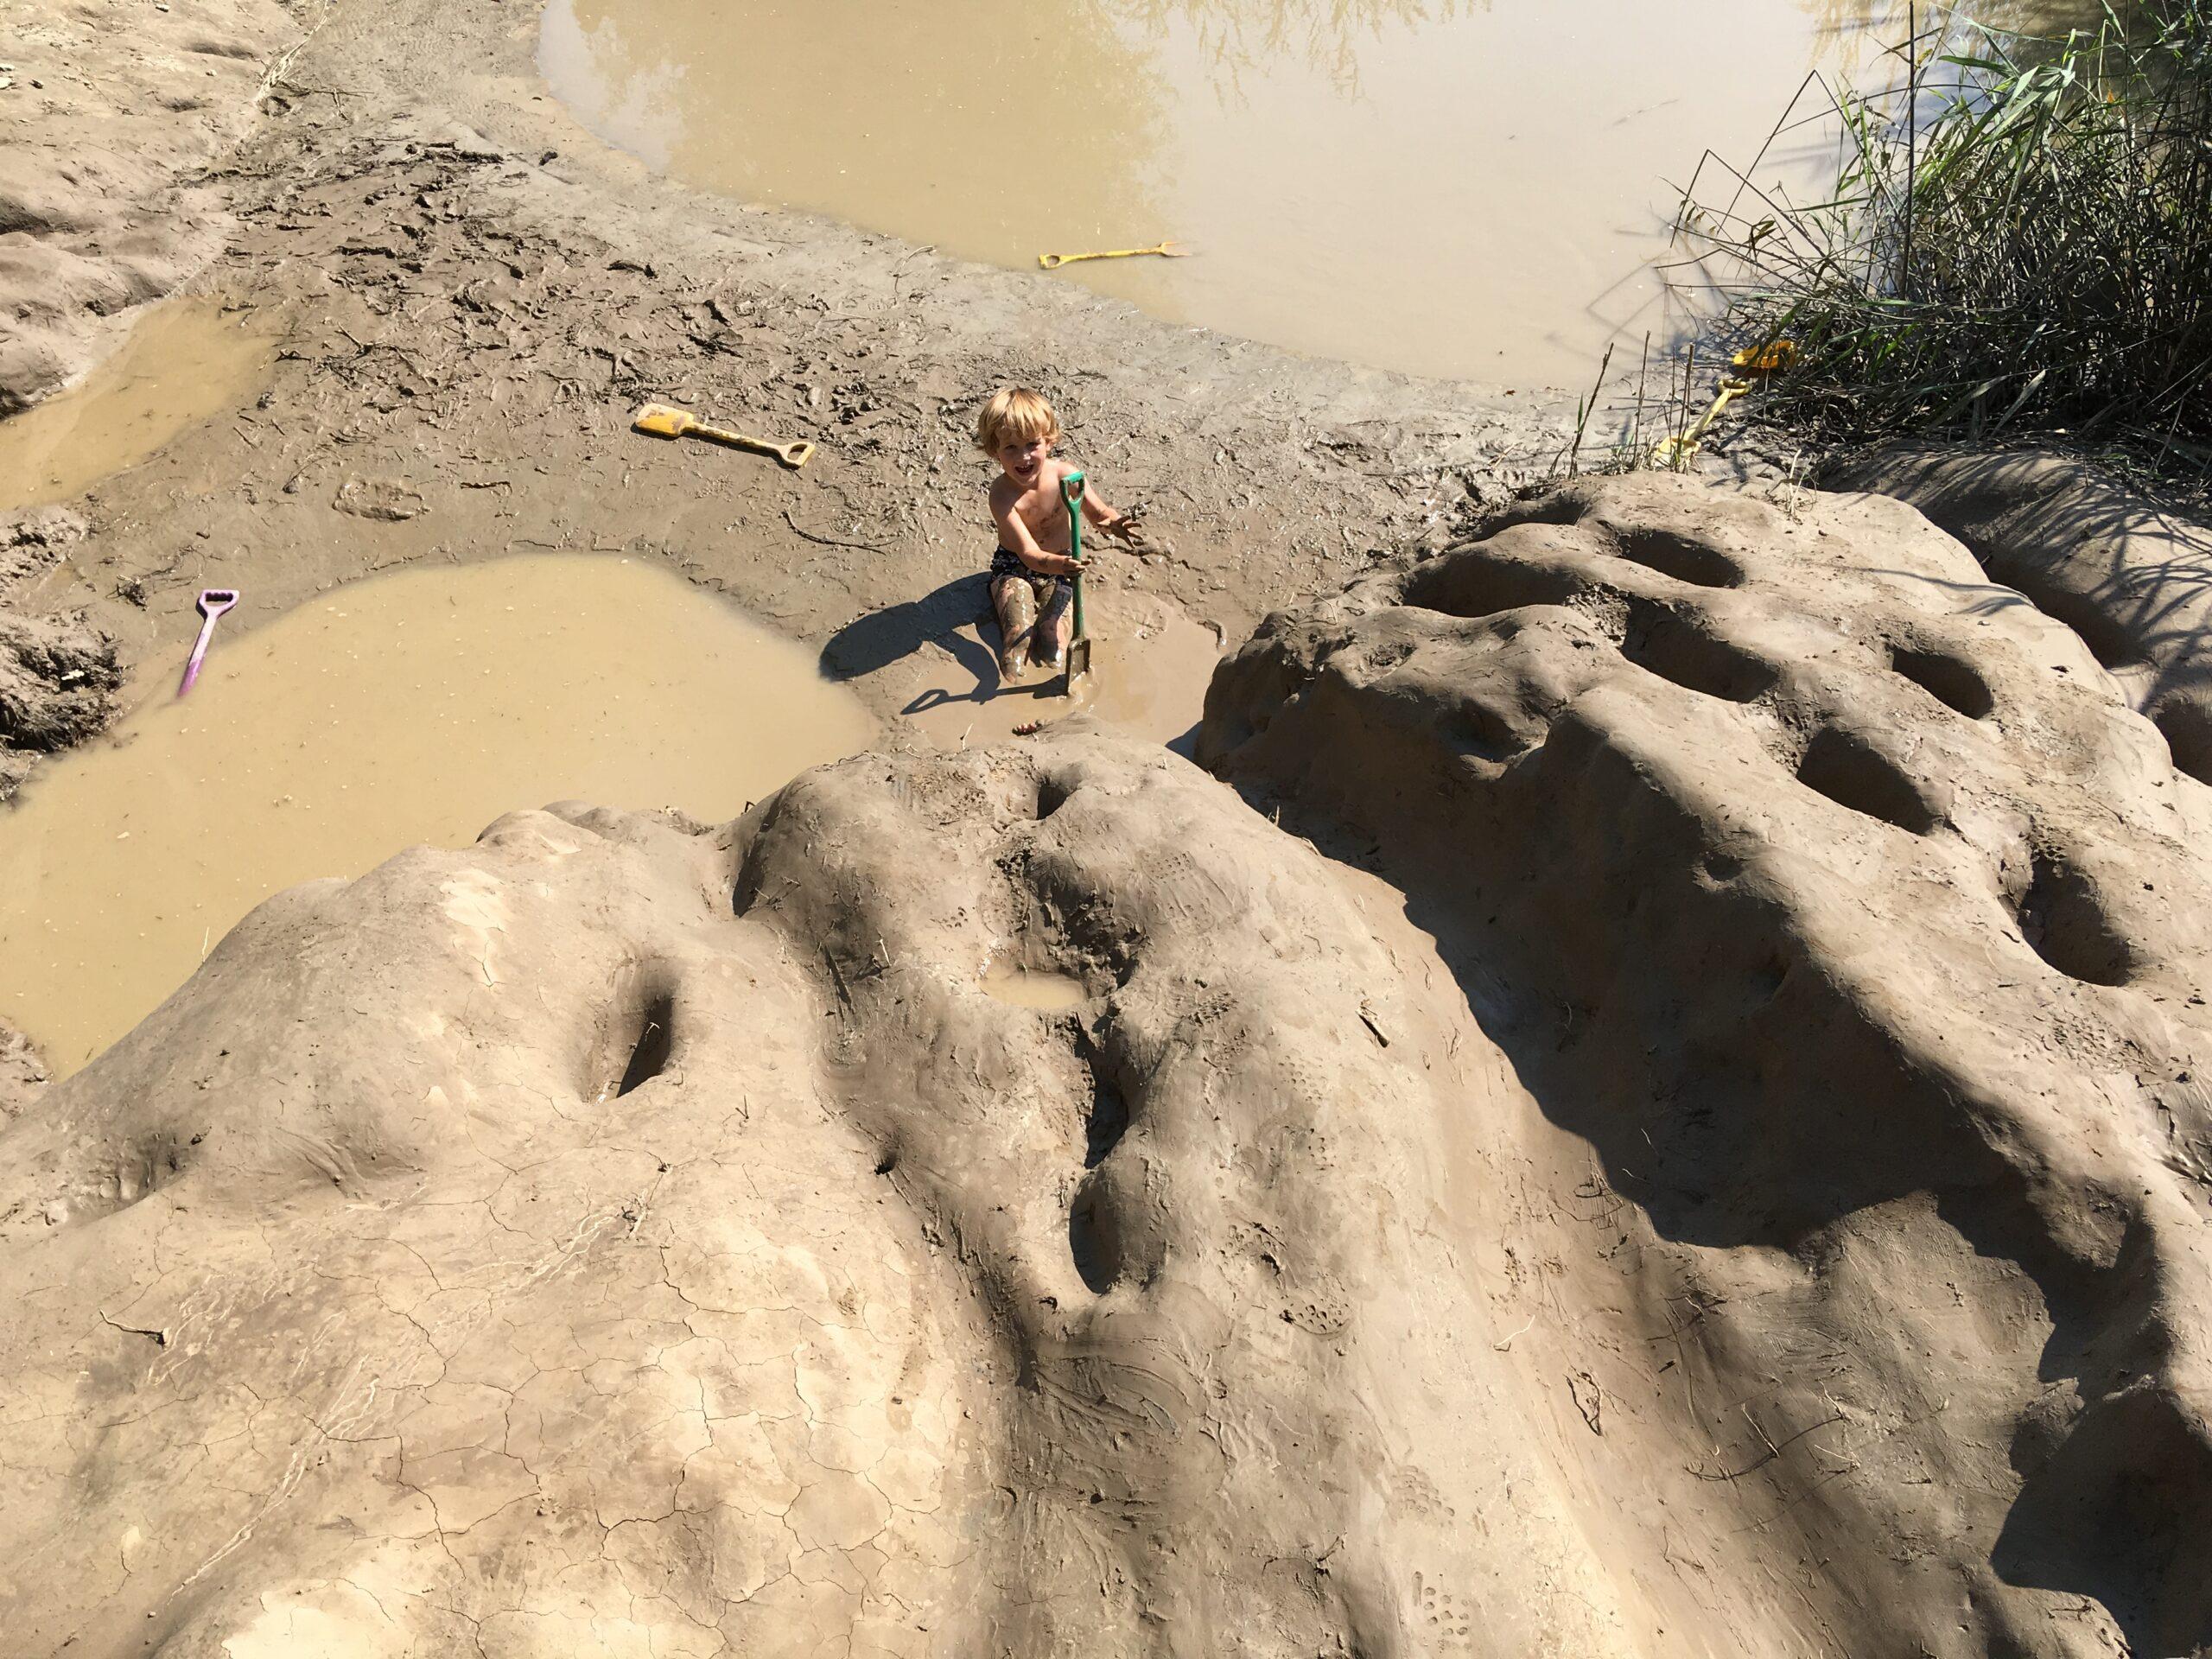 Dit kereltje is overduidelijk niet bang om vies te worden. Hij zit heerlijk te badderen in de modder en smeert zich van top tot teen in met het glibberige spul.